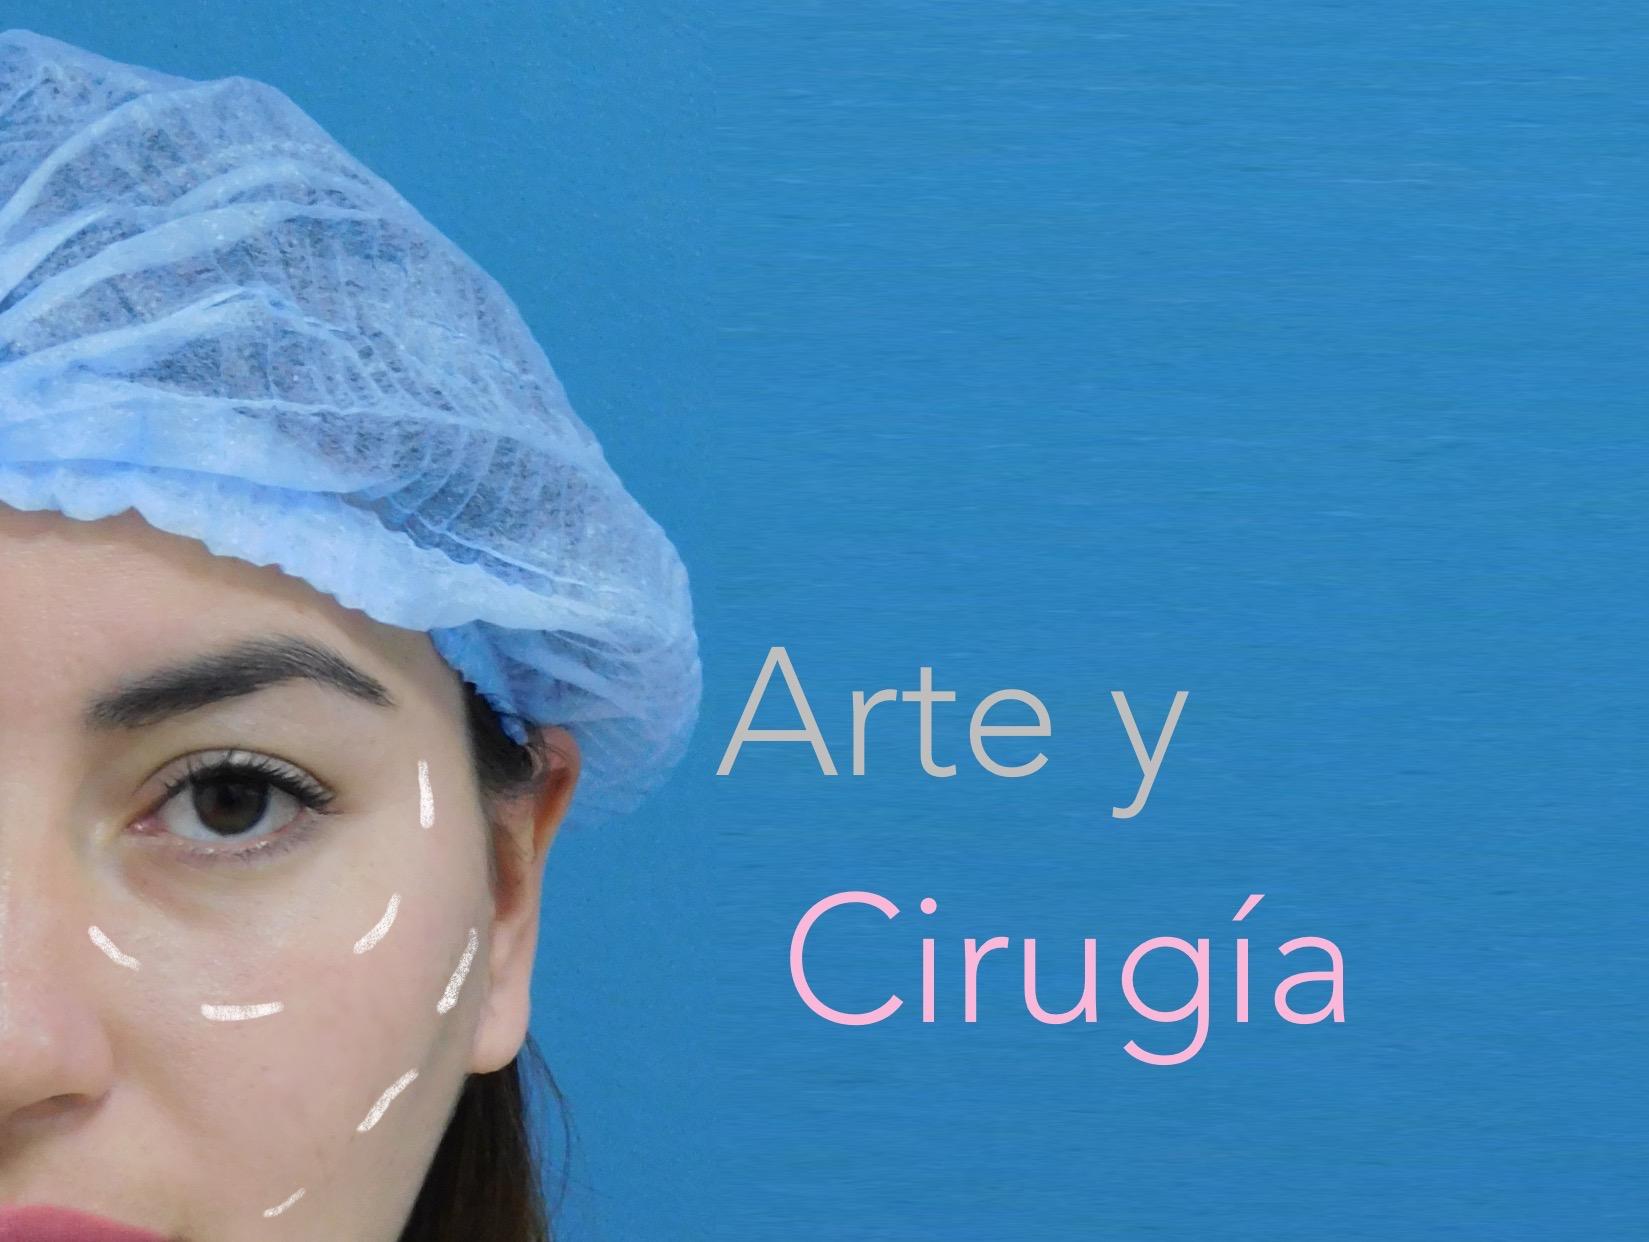 cirujano plastico Cuernavaca